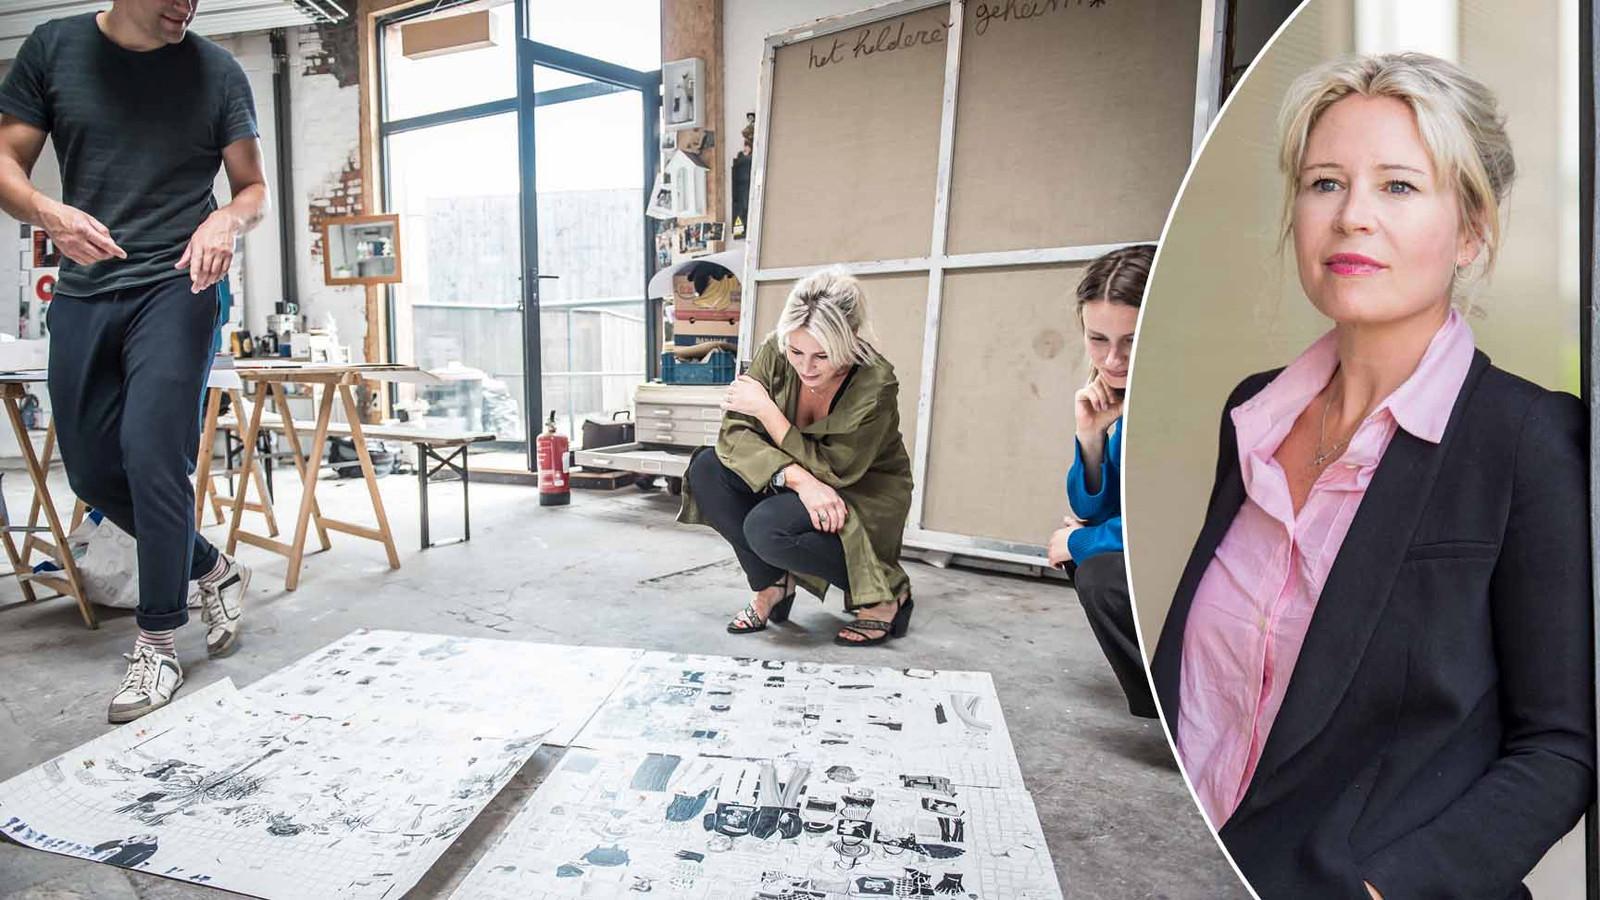 Kunstexperte Sofie Van de Velde